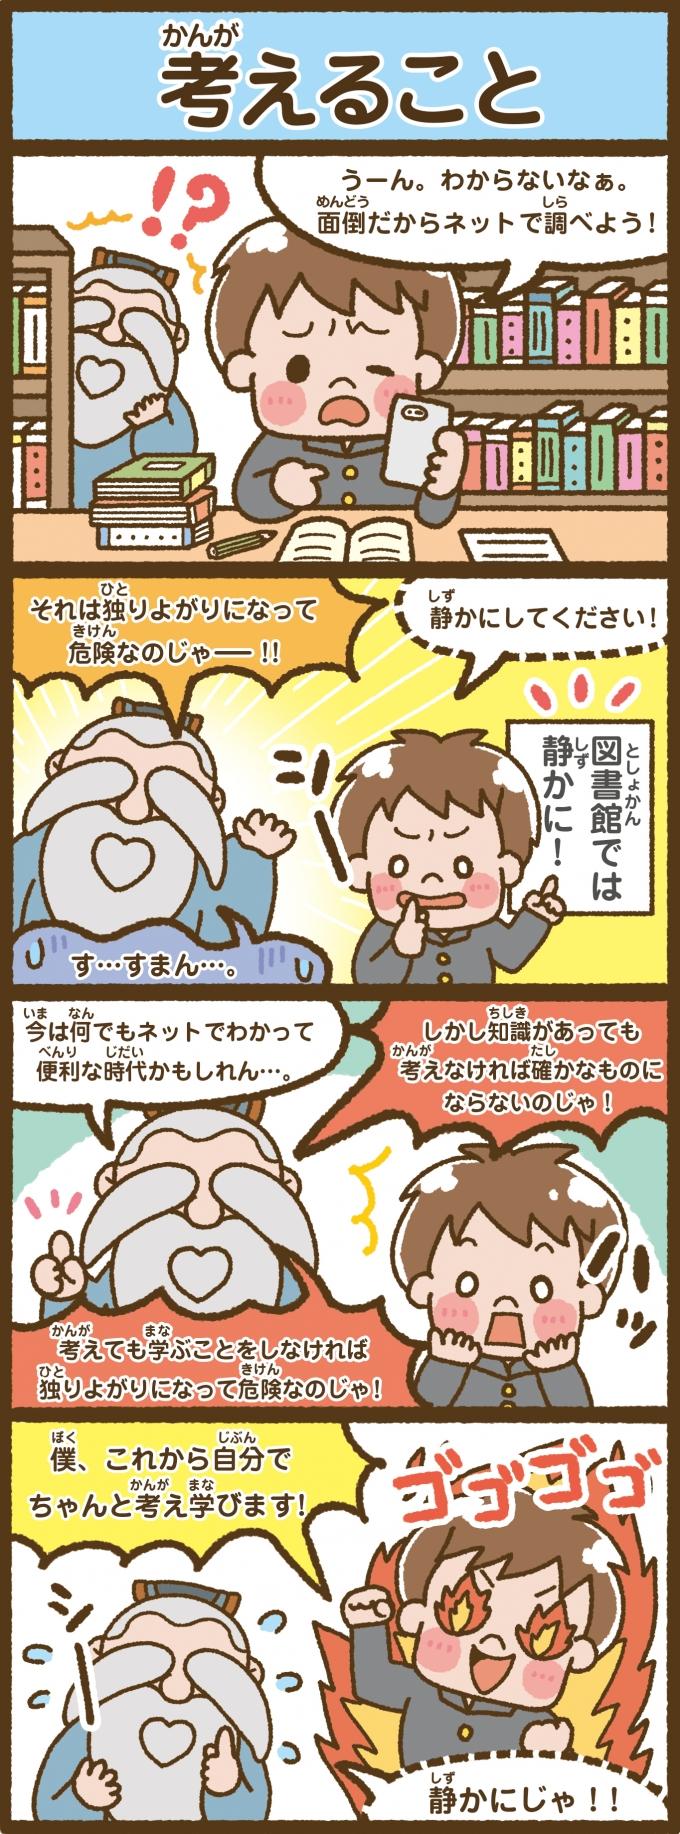 中国の人気ゆるキャラ『孔子爺や』の4コマ漫画第4弾~第8弾の画像3枚目